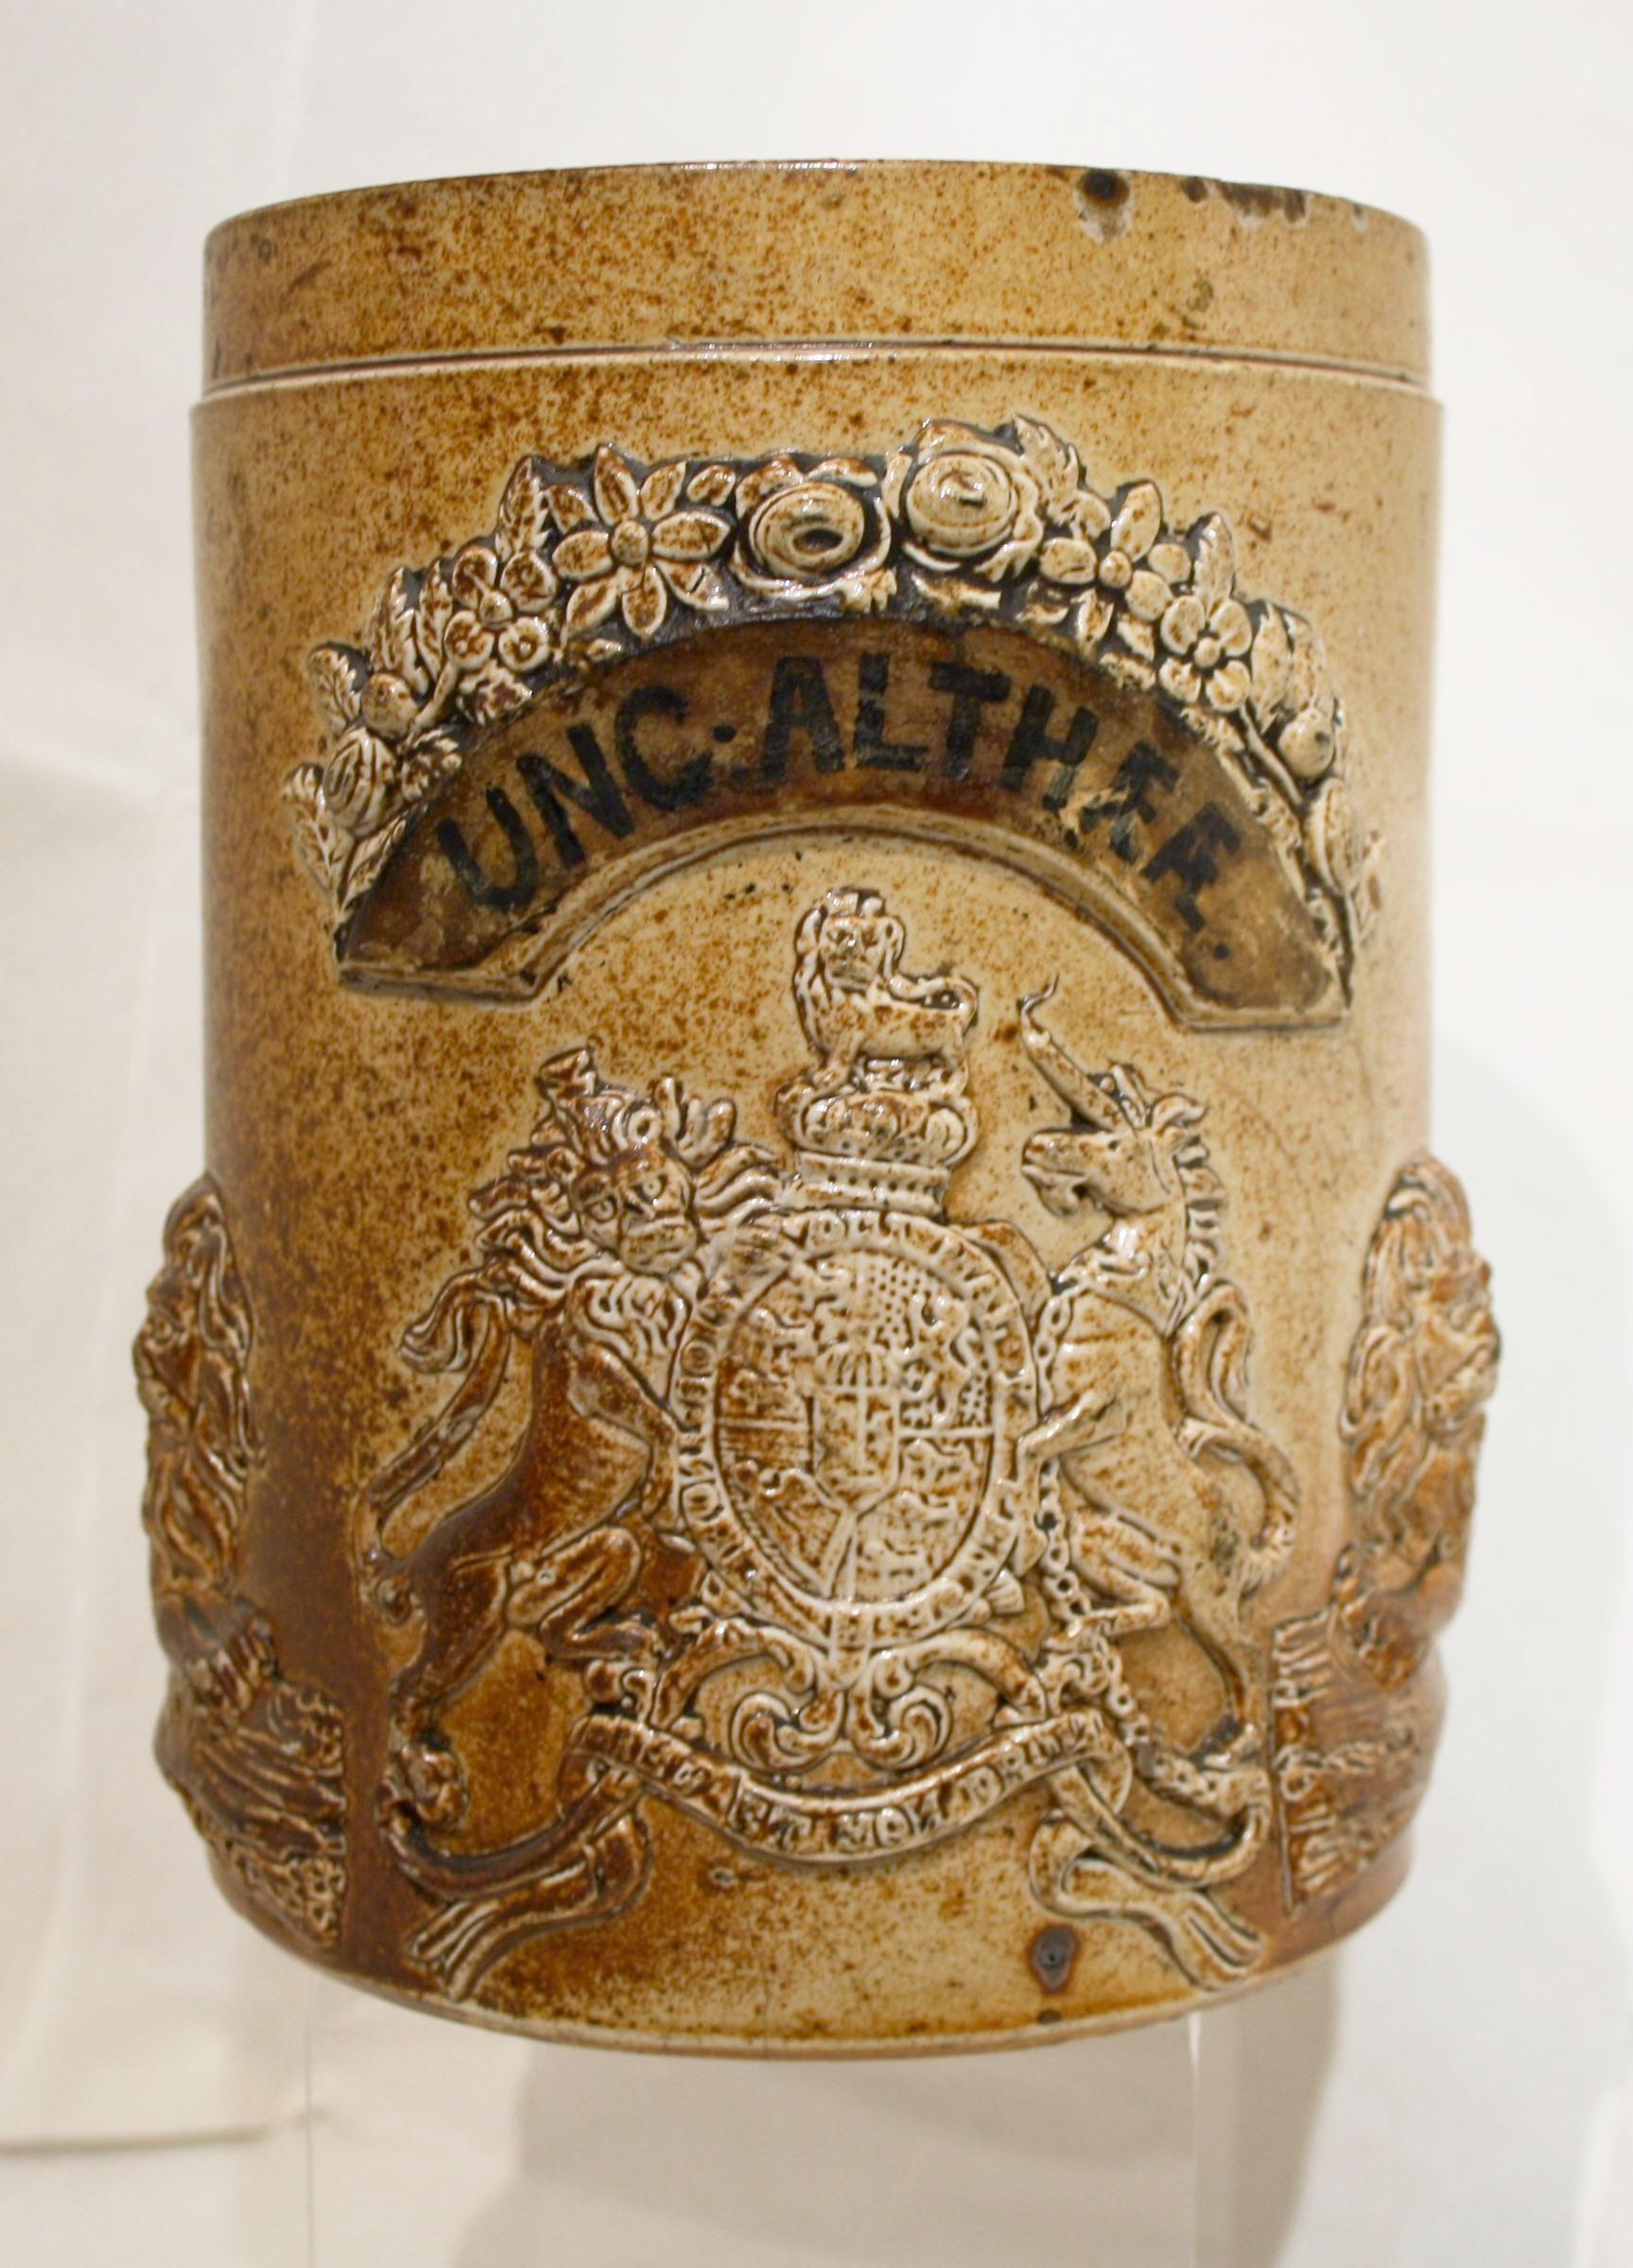 Ceramics category